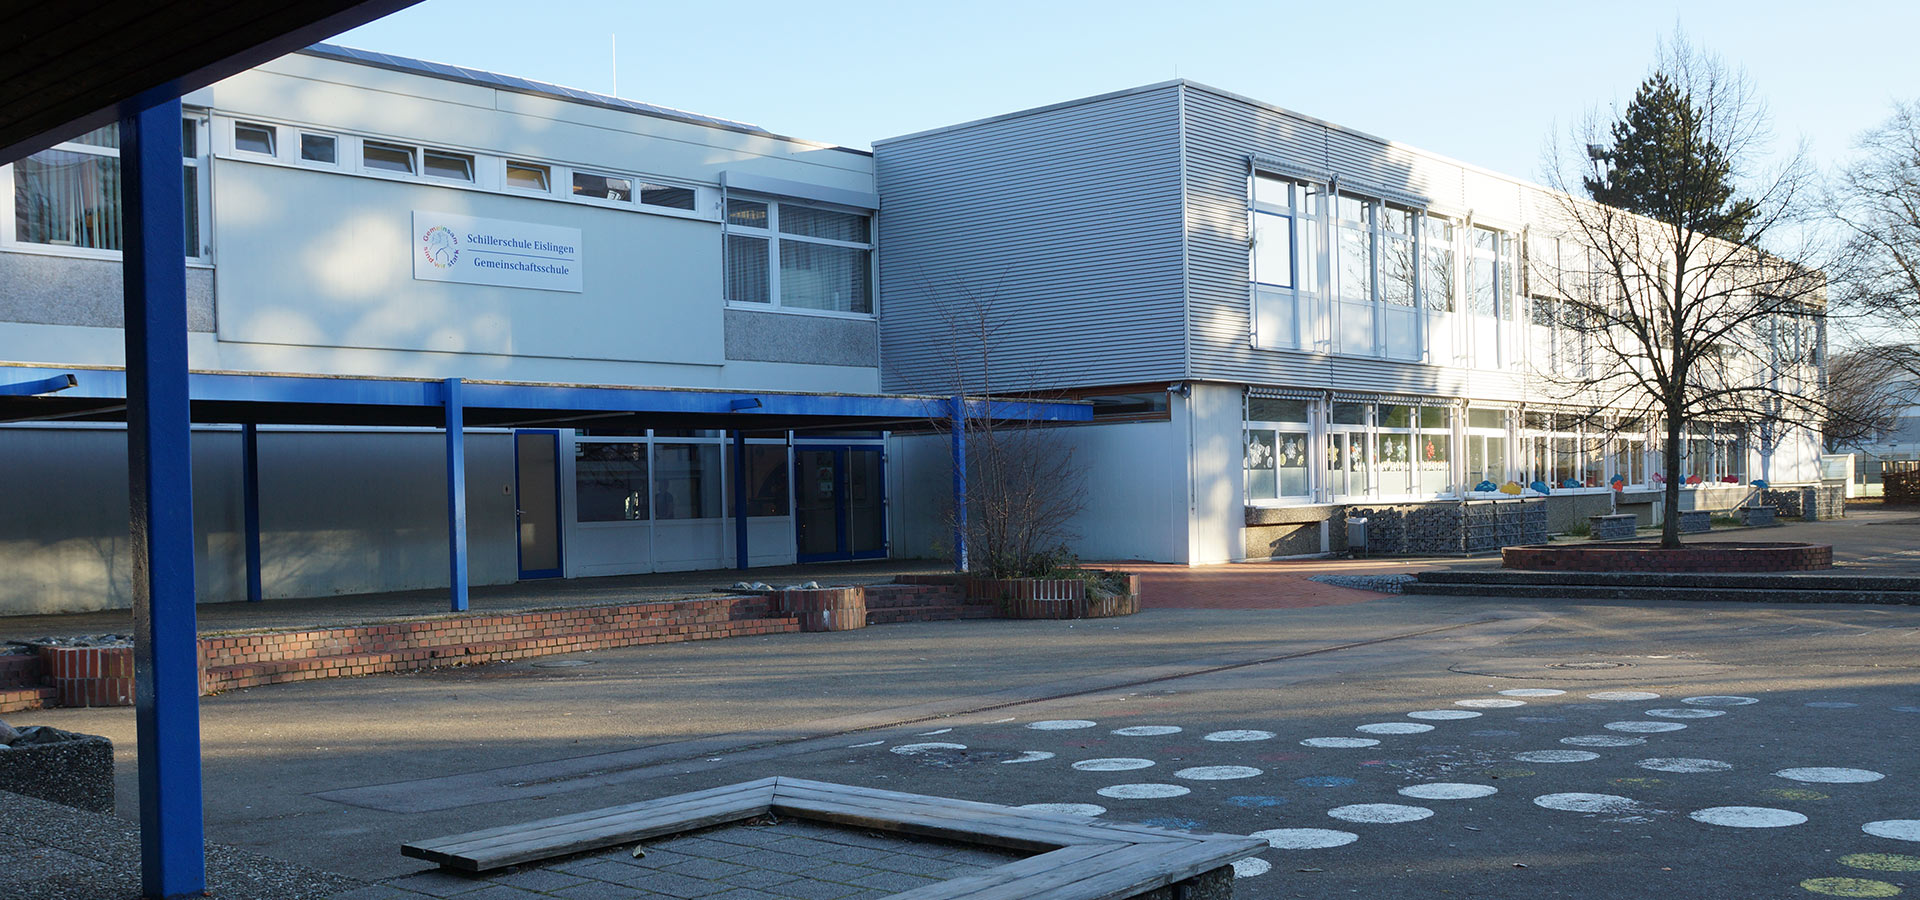 08-schillerschule-eislingen-gemeinschaft